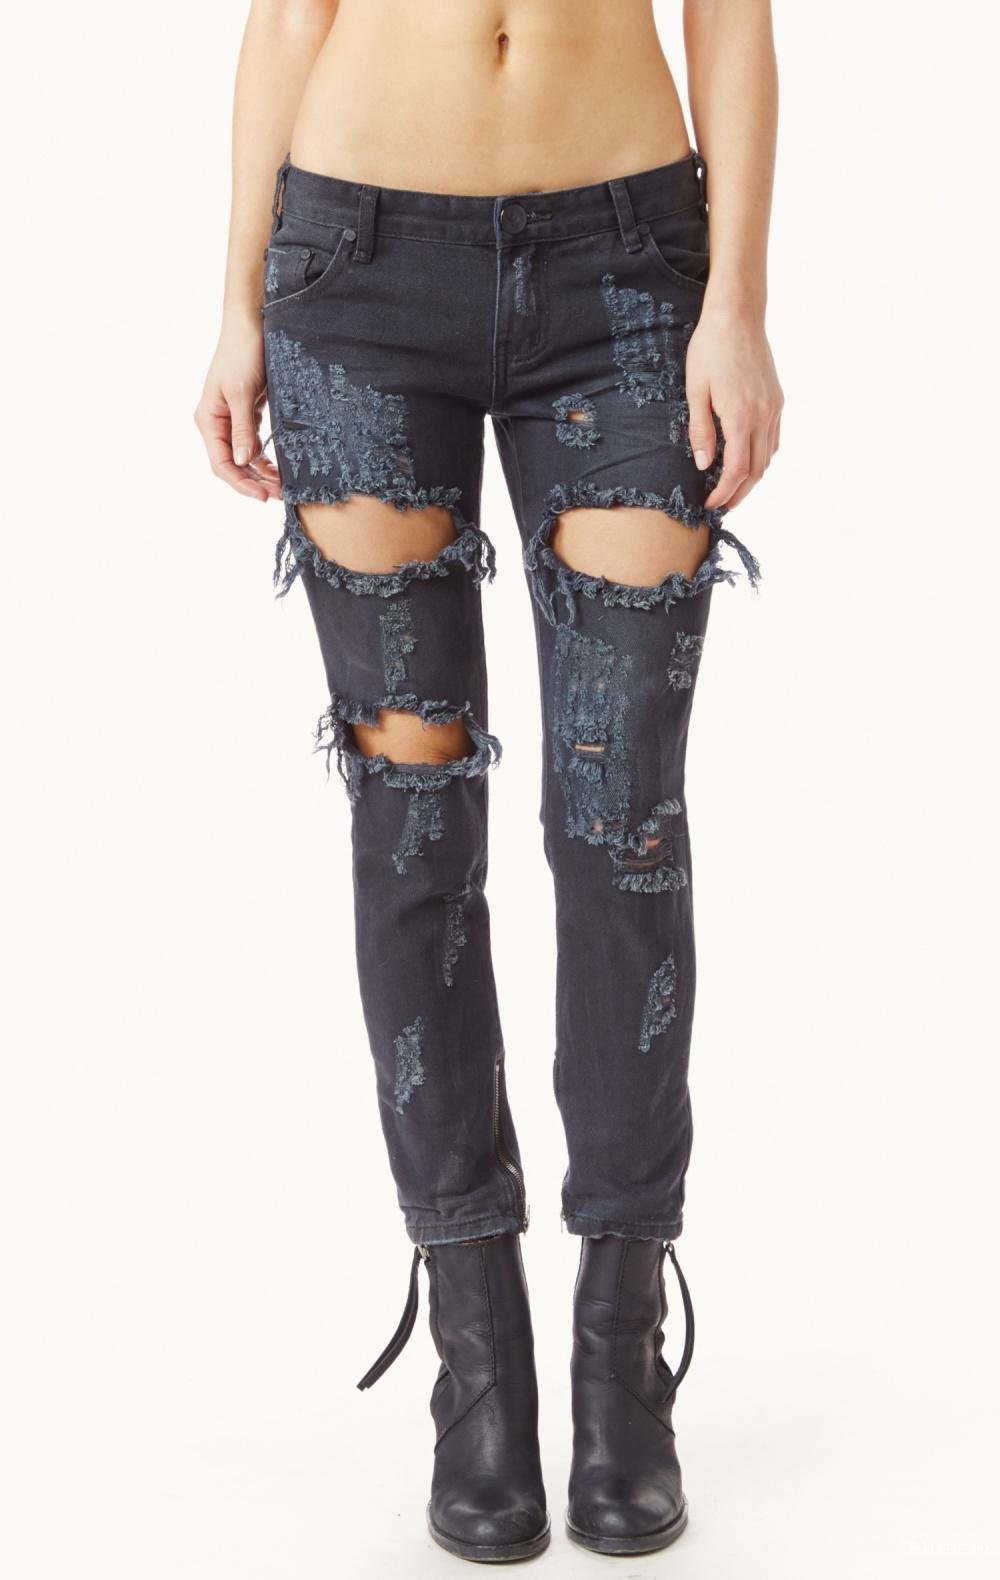 Крутые рваные джинсы австралийского бренда One Teaspoon